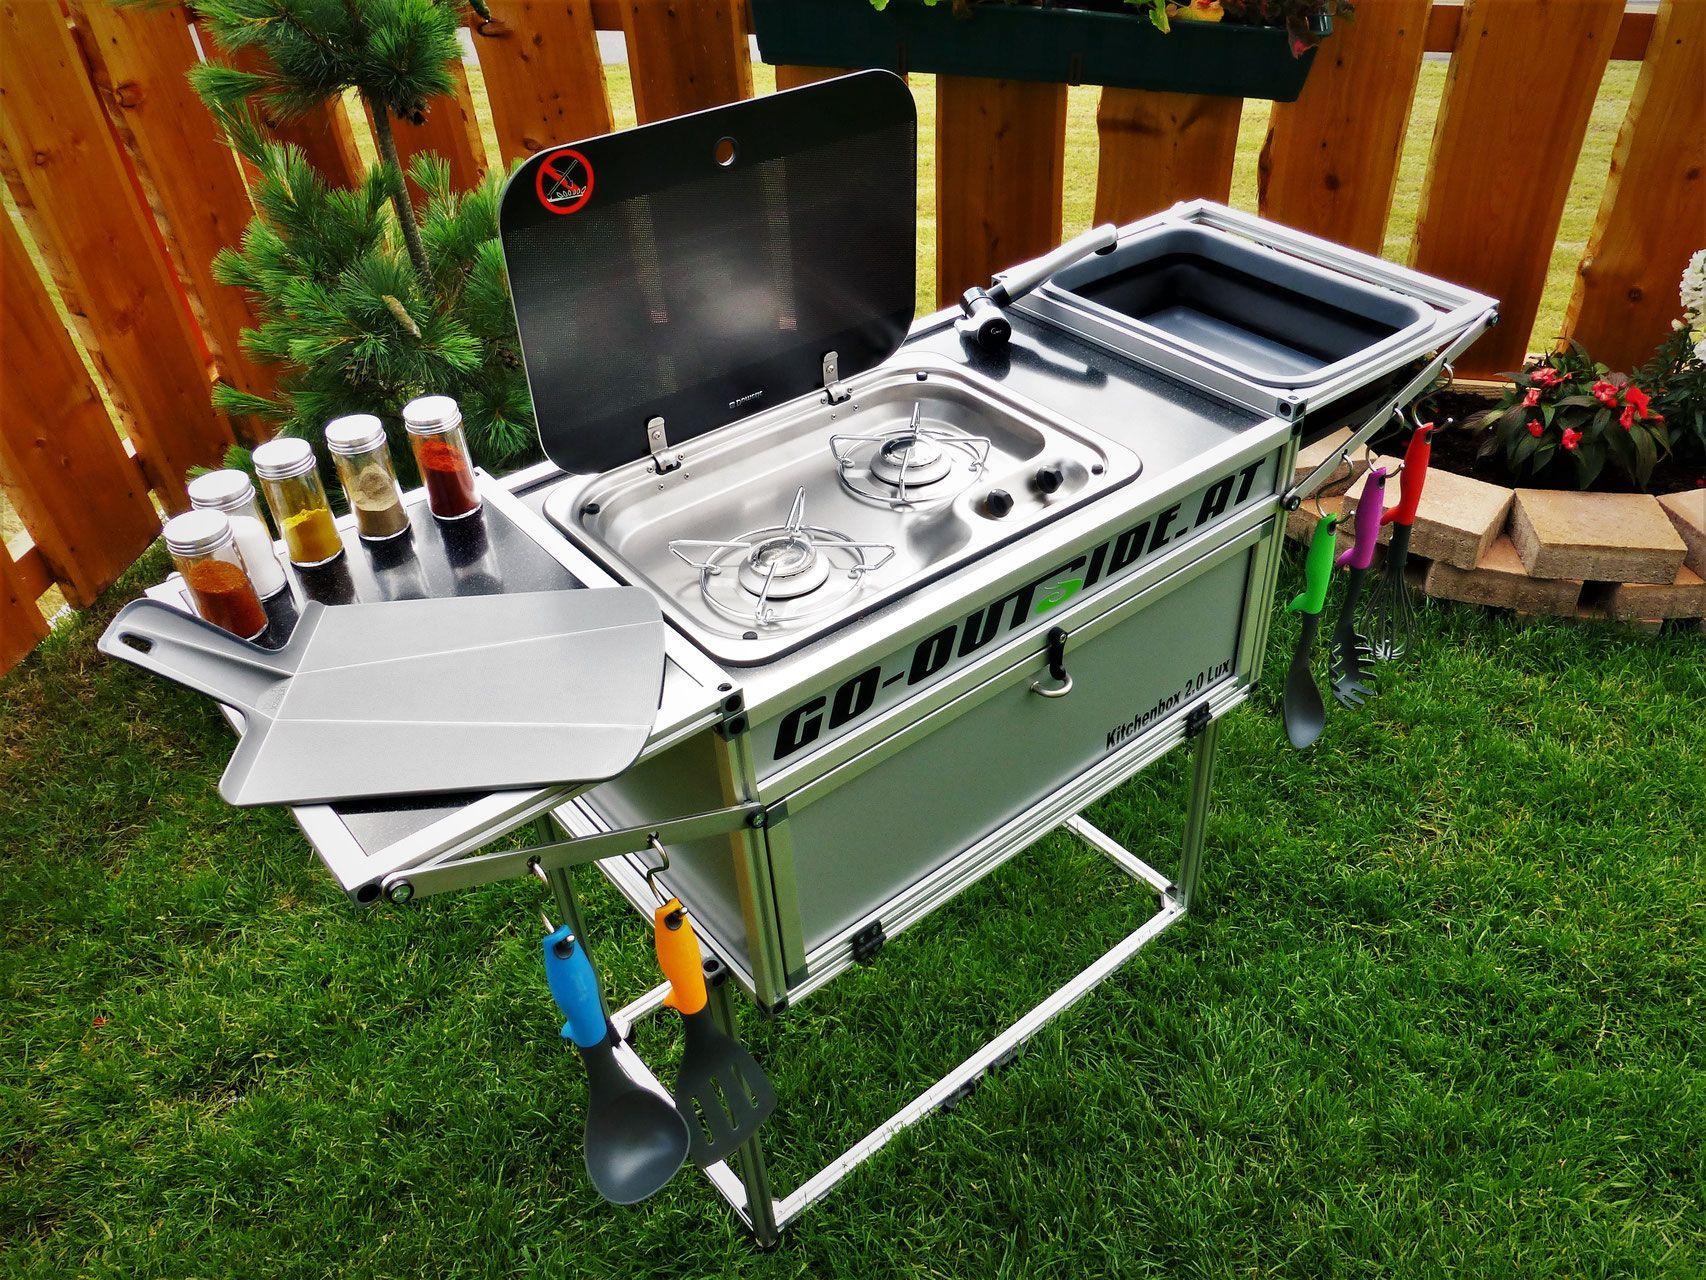 Outdoorküche Klappbar Neu : Campingausrüstung outdoor küche outdoor küche klappbar